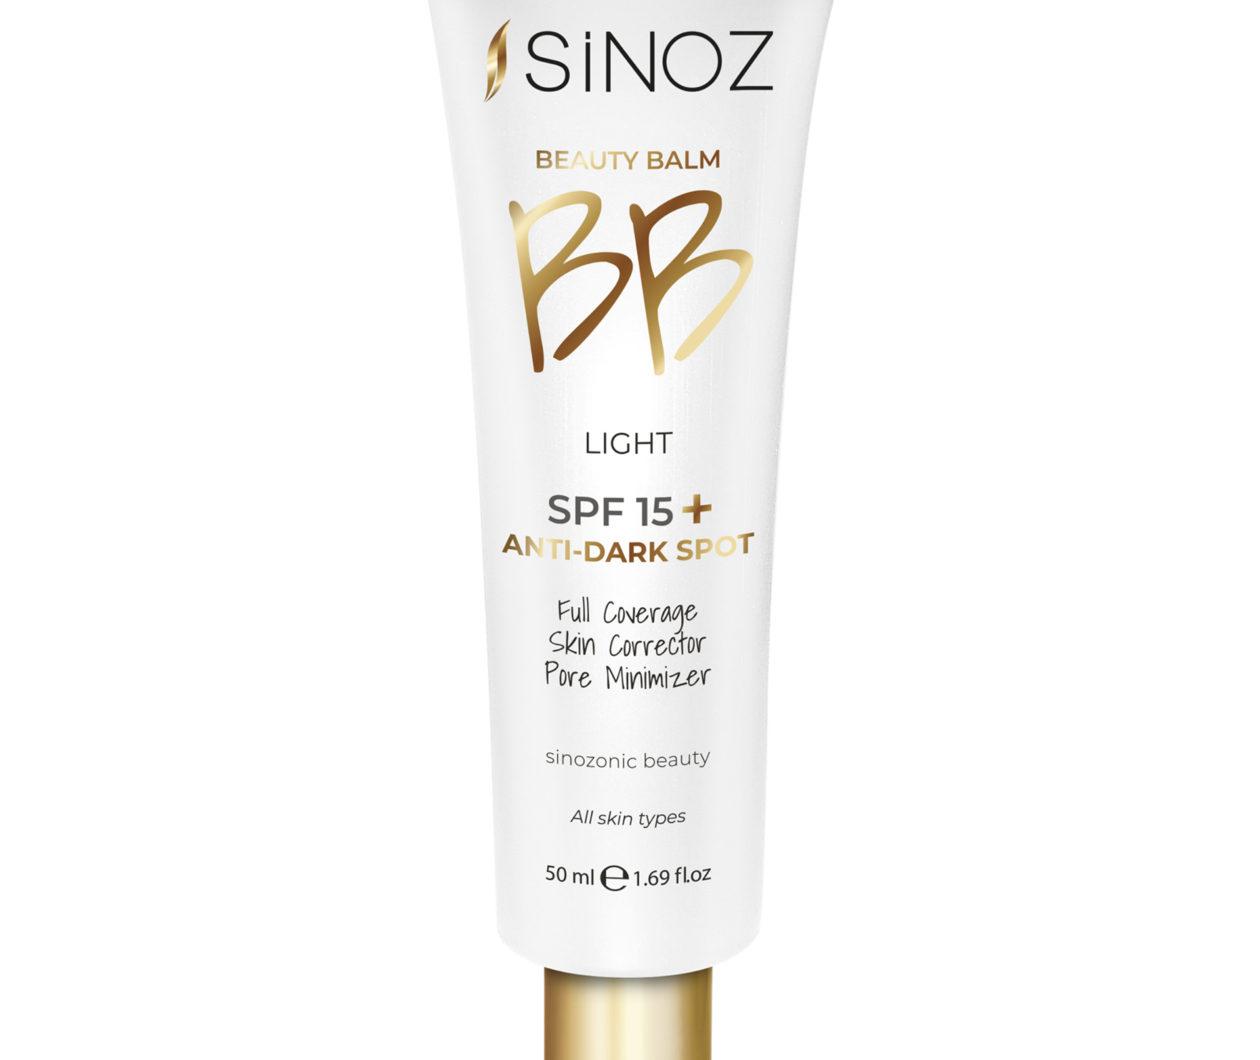 Sinoz BB-Krem 3D Light